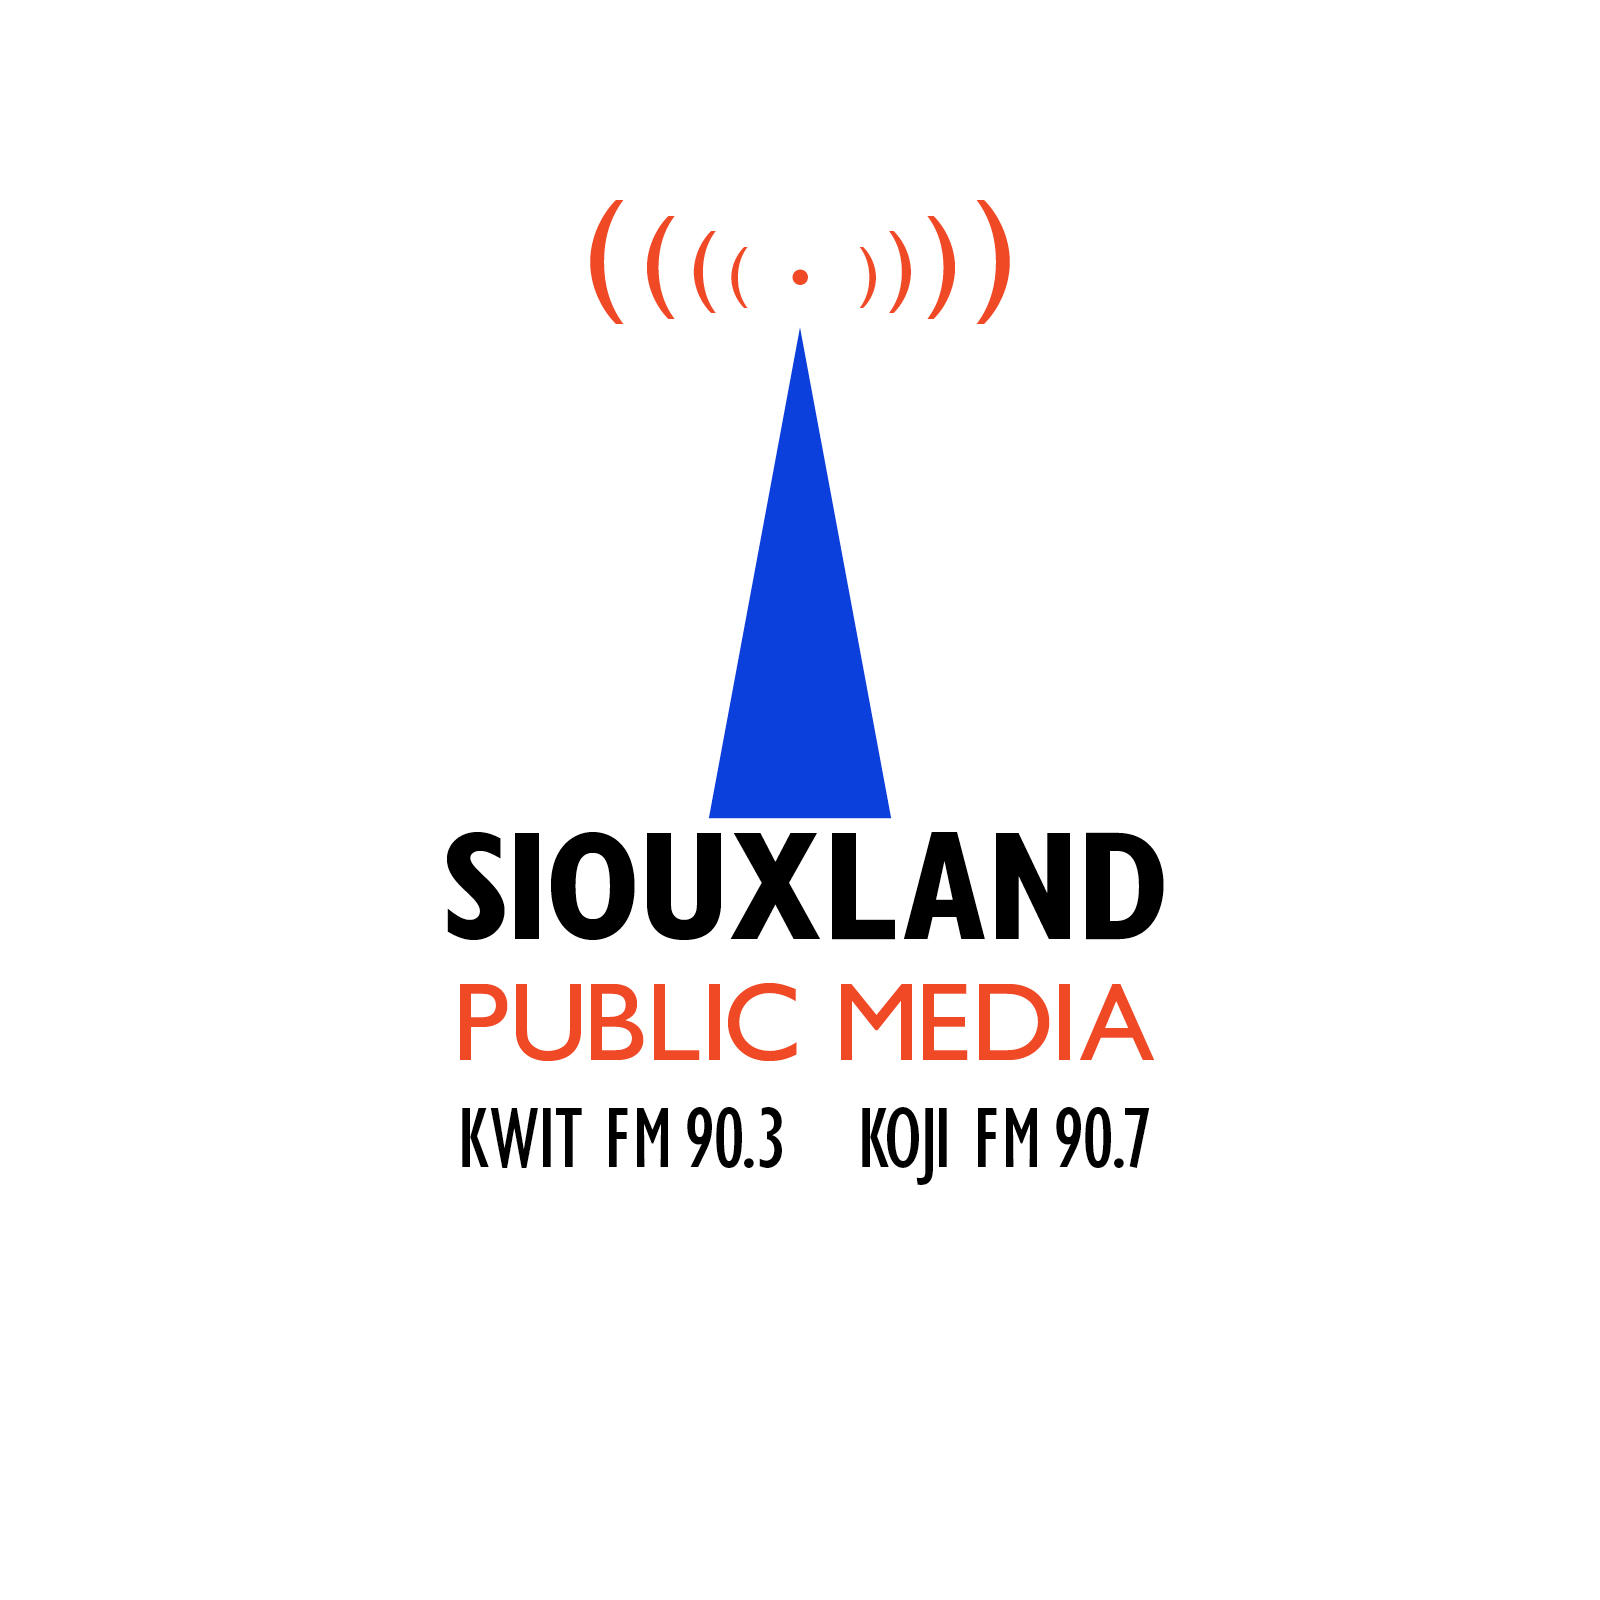 Siouxland Public Media